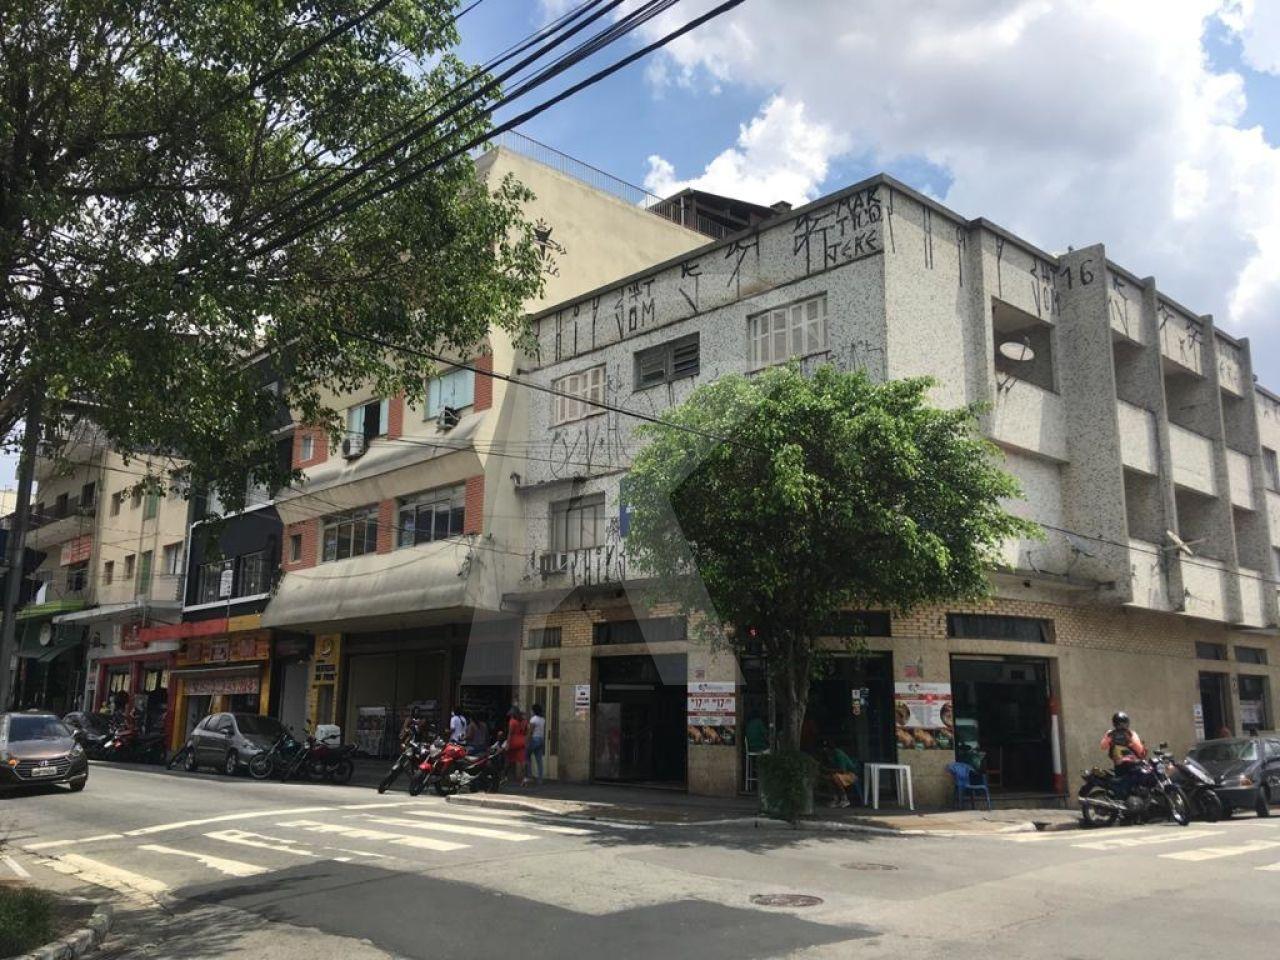 Comprar - Prédio - Vila Galvão - 0 dormitórios.